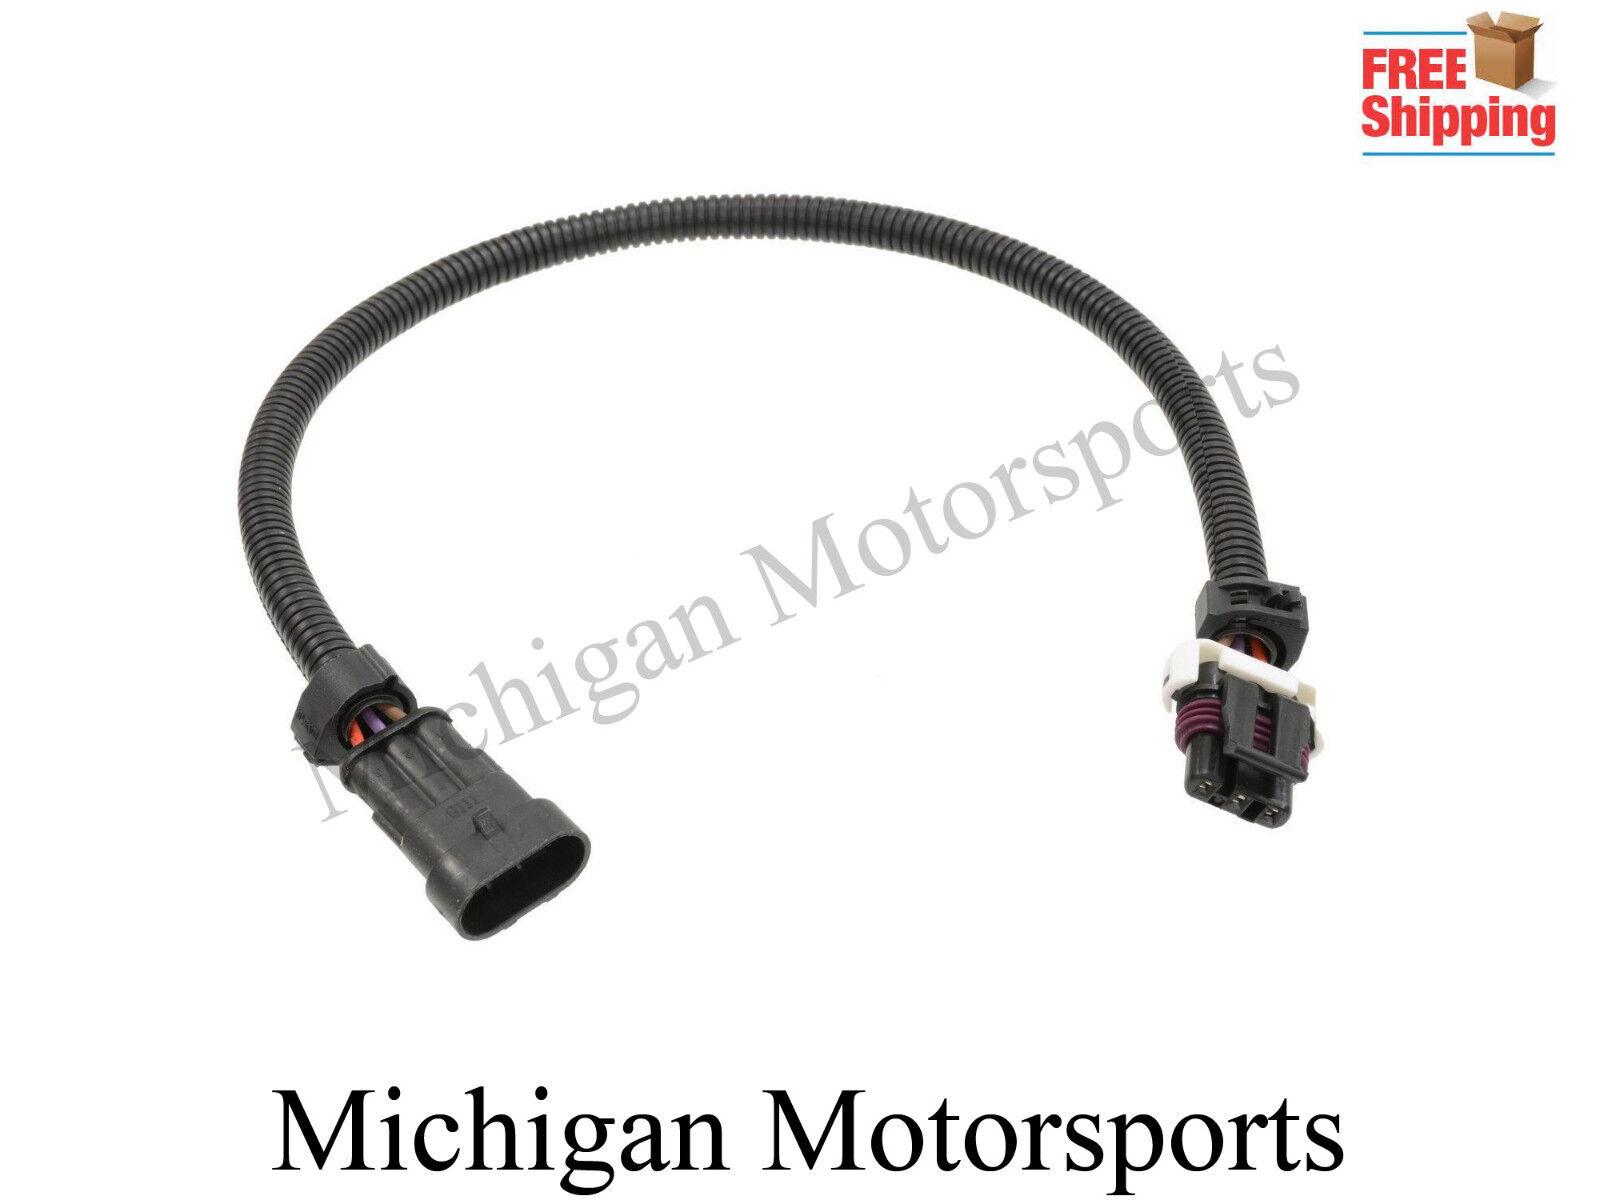 mass air flow maf sensor extension wire harness 18 quot fits ls1 lt1 camaro firebird ebay